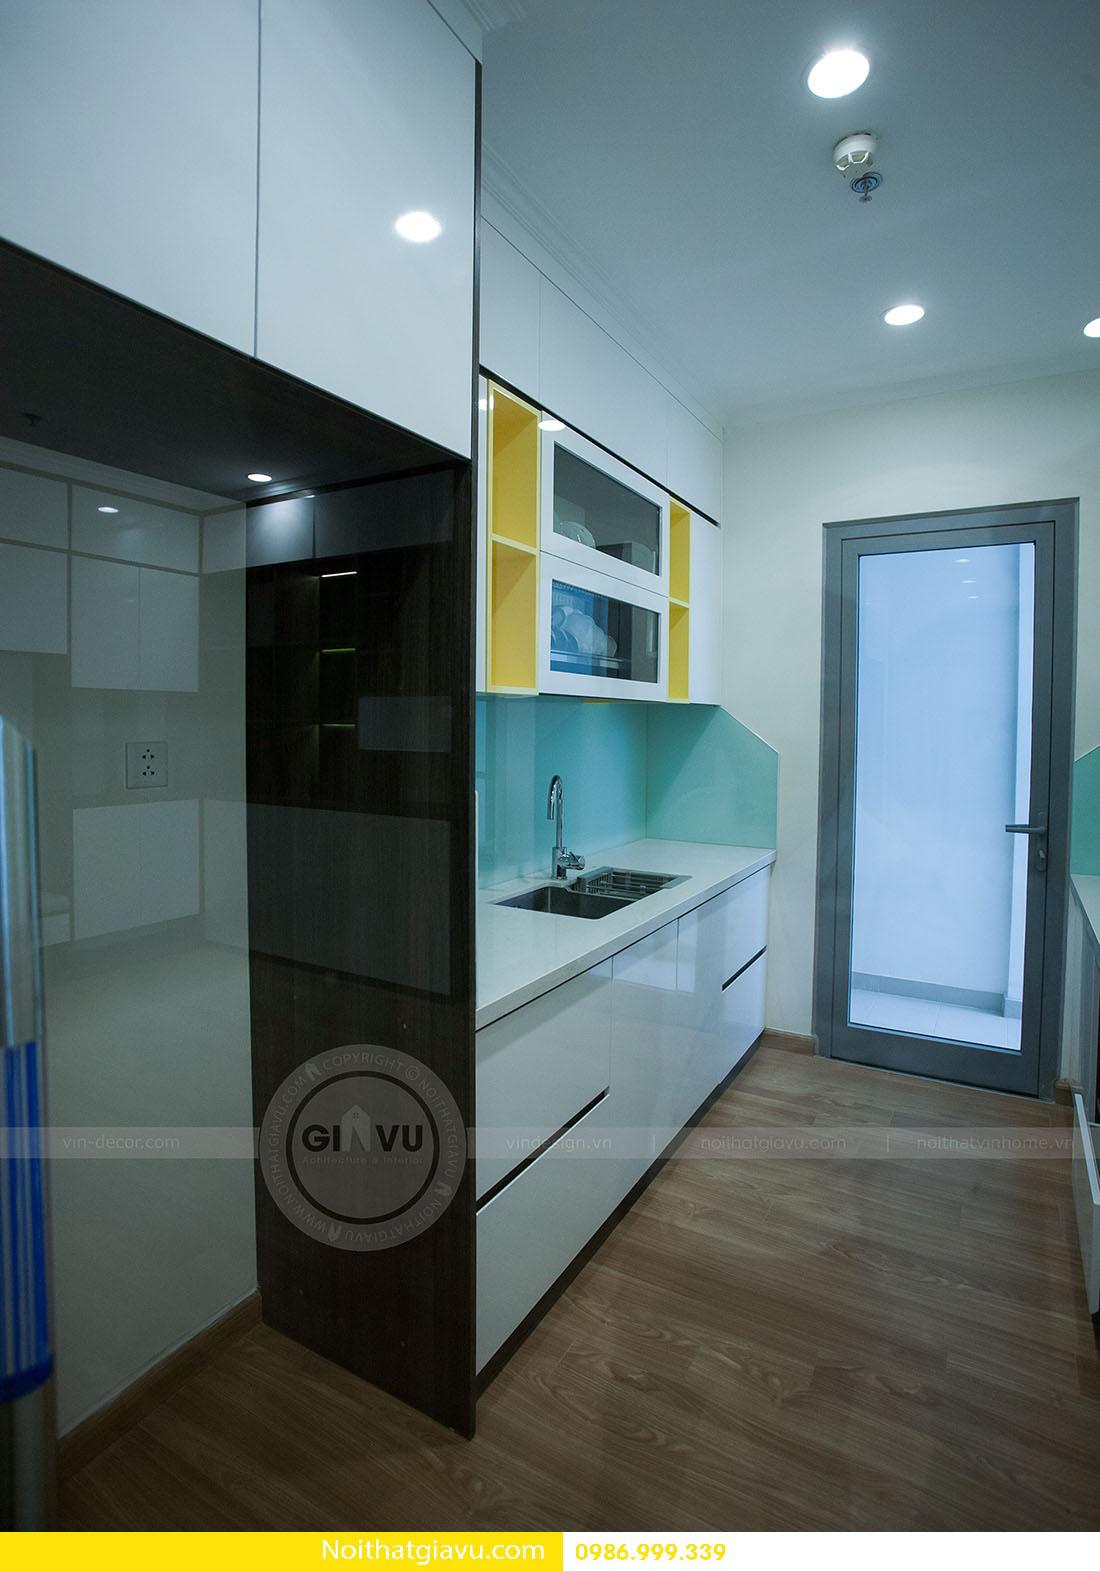 thiết kế nội thất căn hộ Vinhomes Green Bay 2 ngủ 04